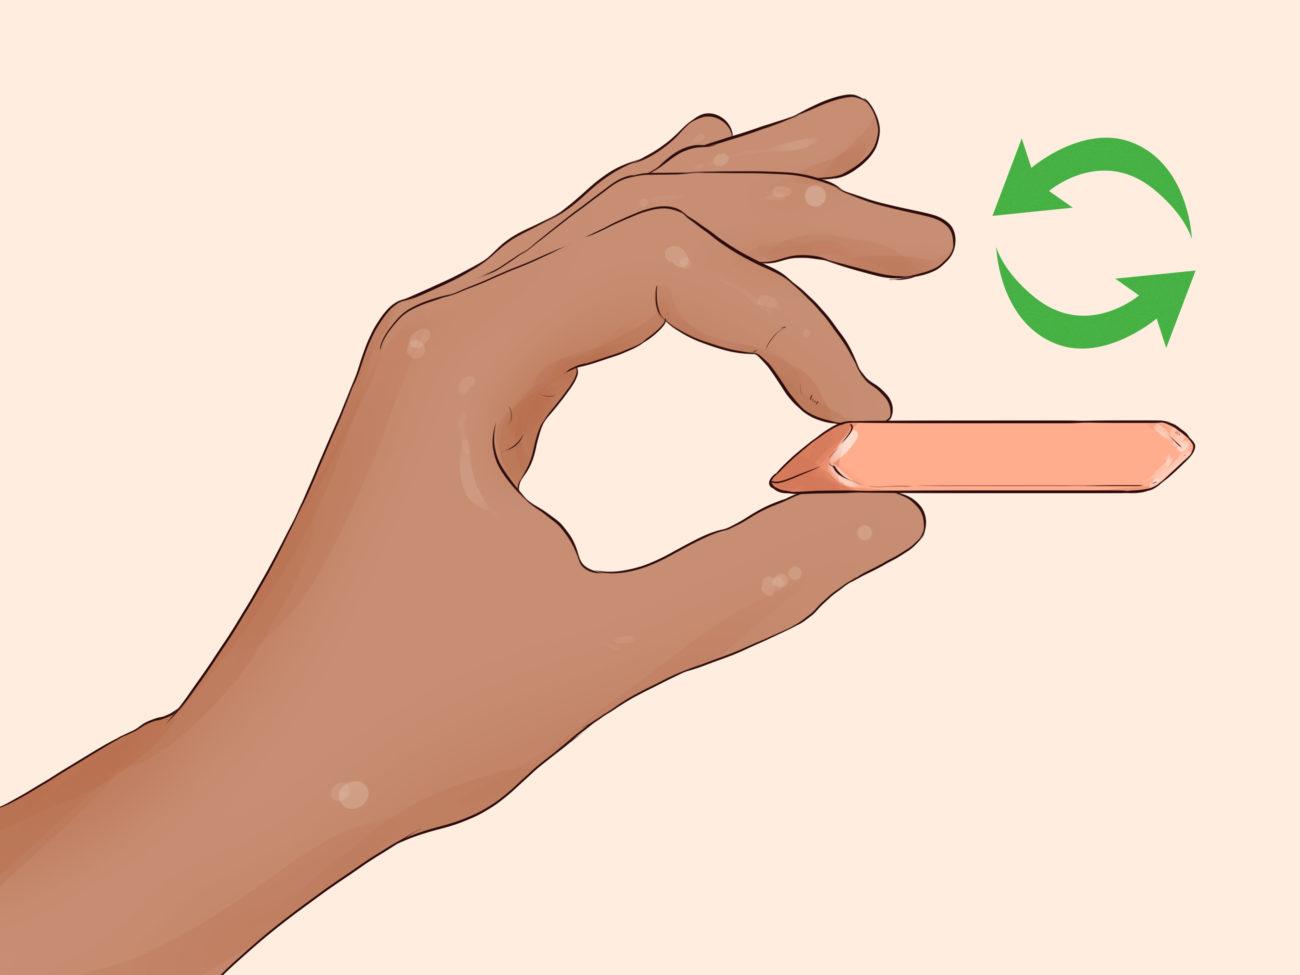 как оттереть скотч ластиком